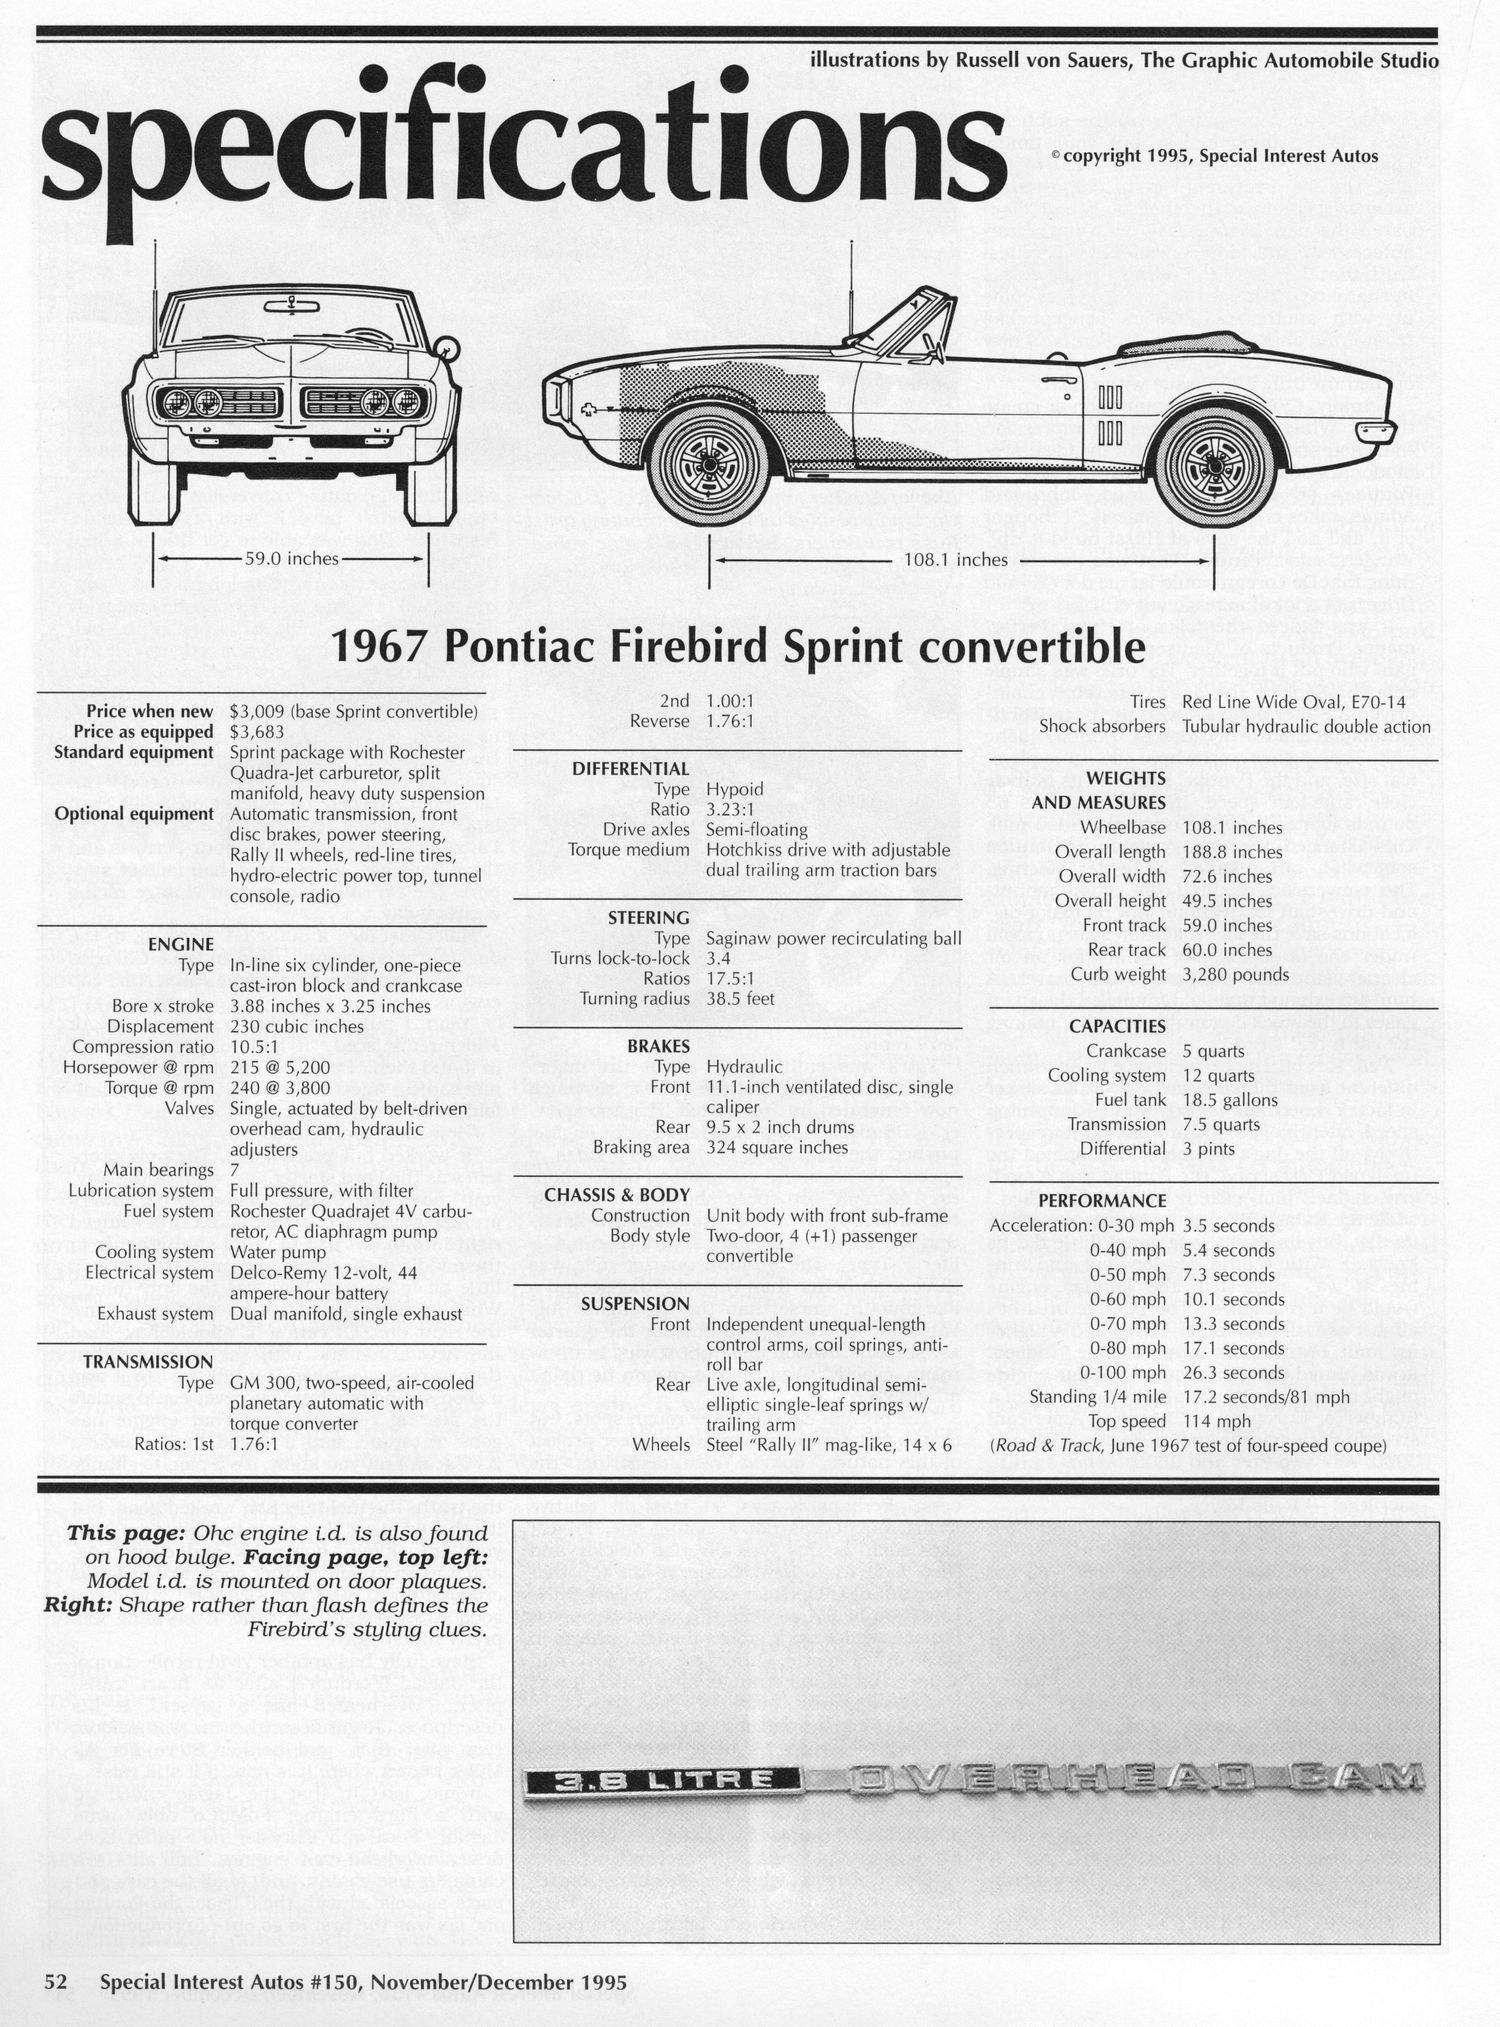 Pontiac firebird trans-am muscle trans classic wallpaper 1500x2027 791845 wallpaperup.